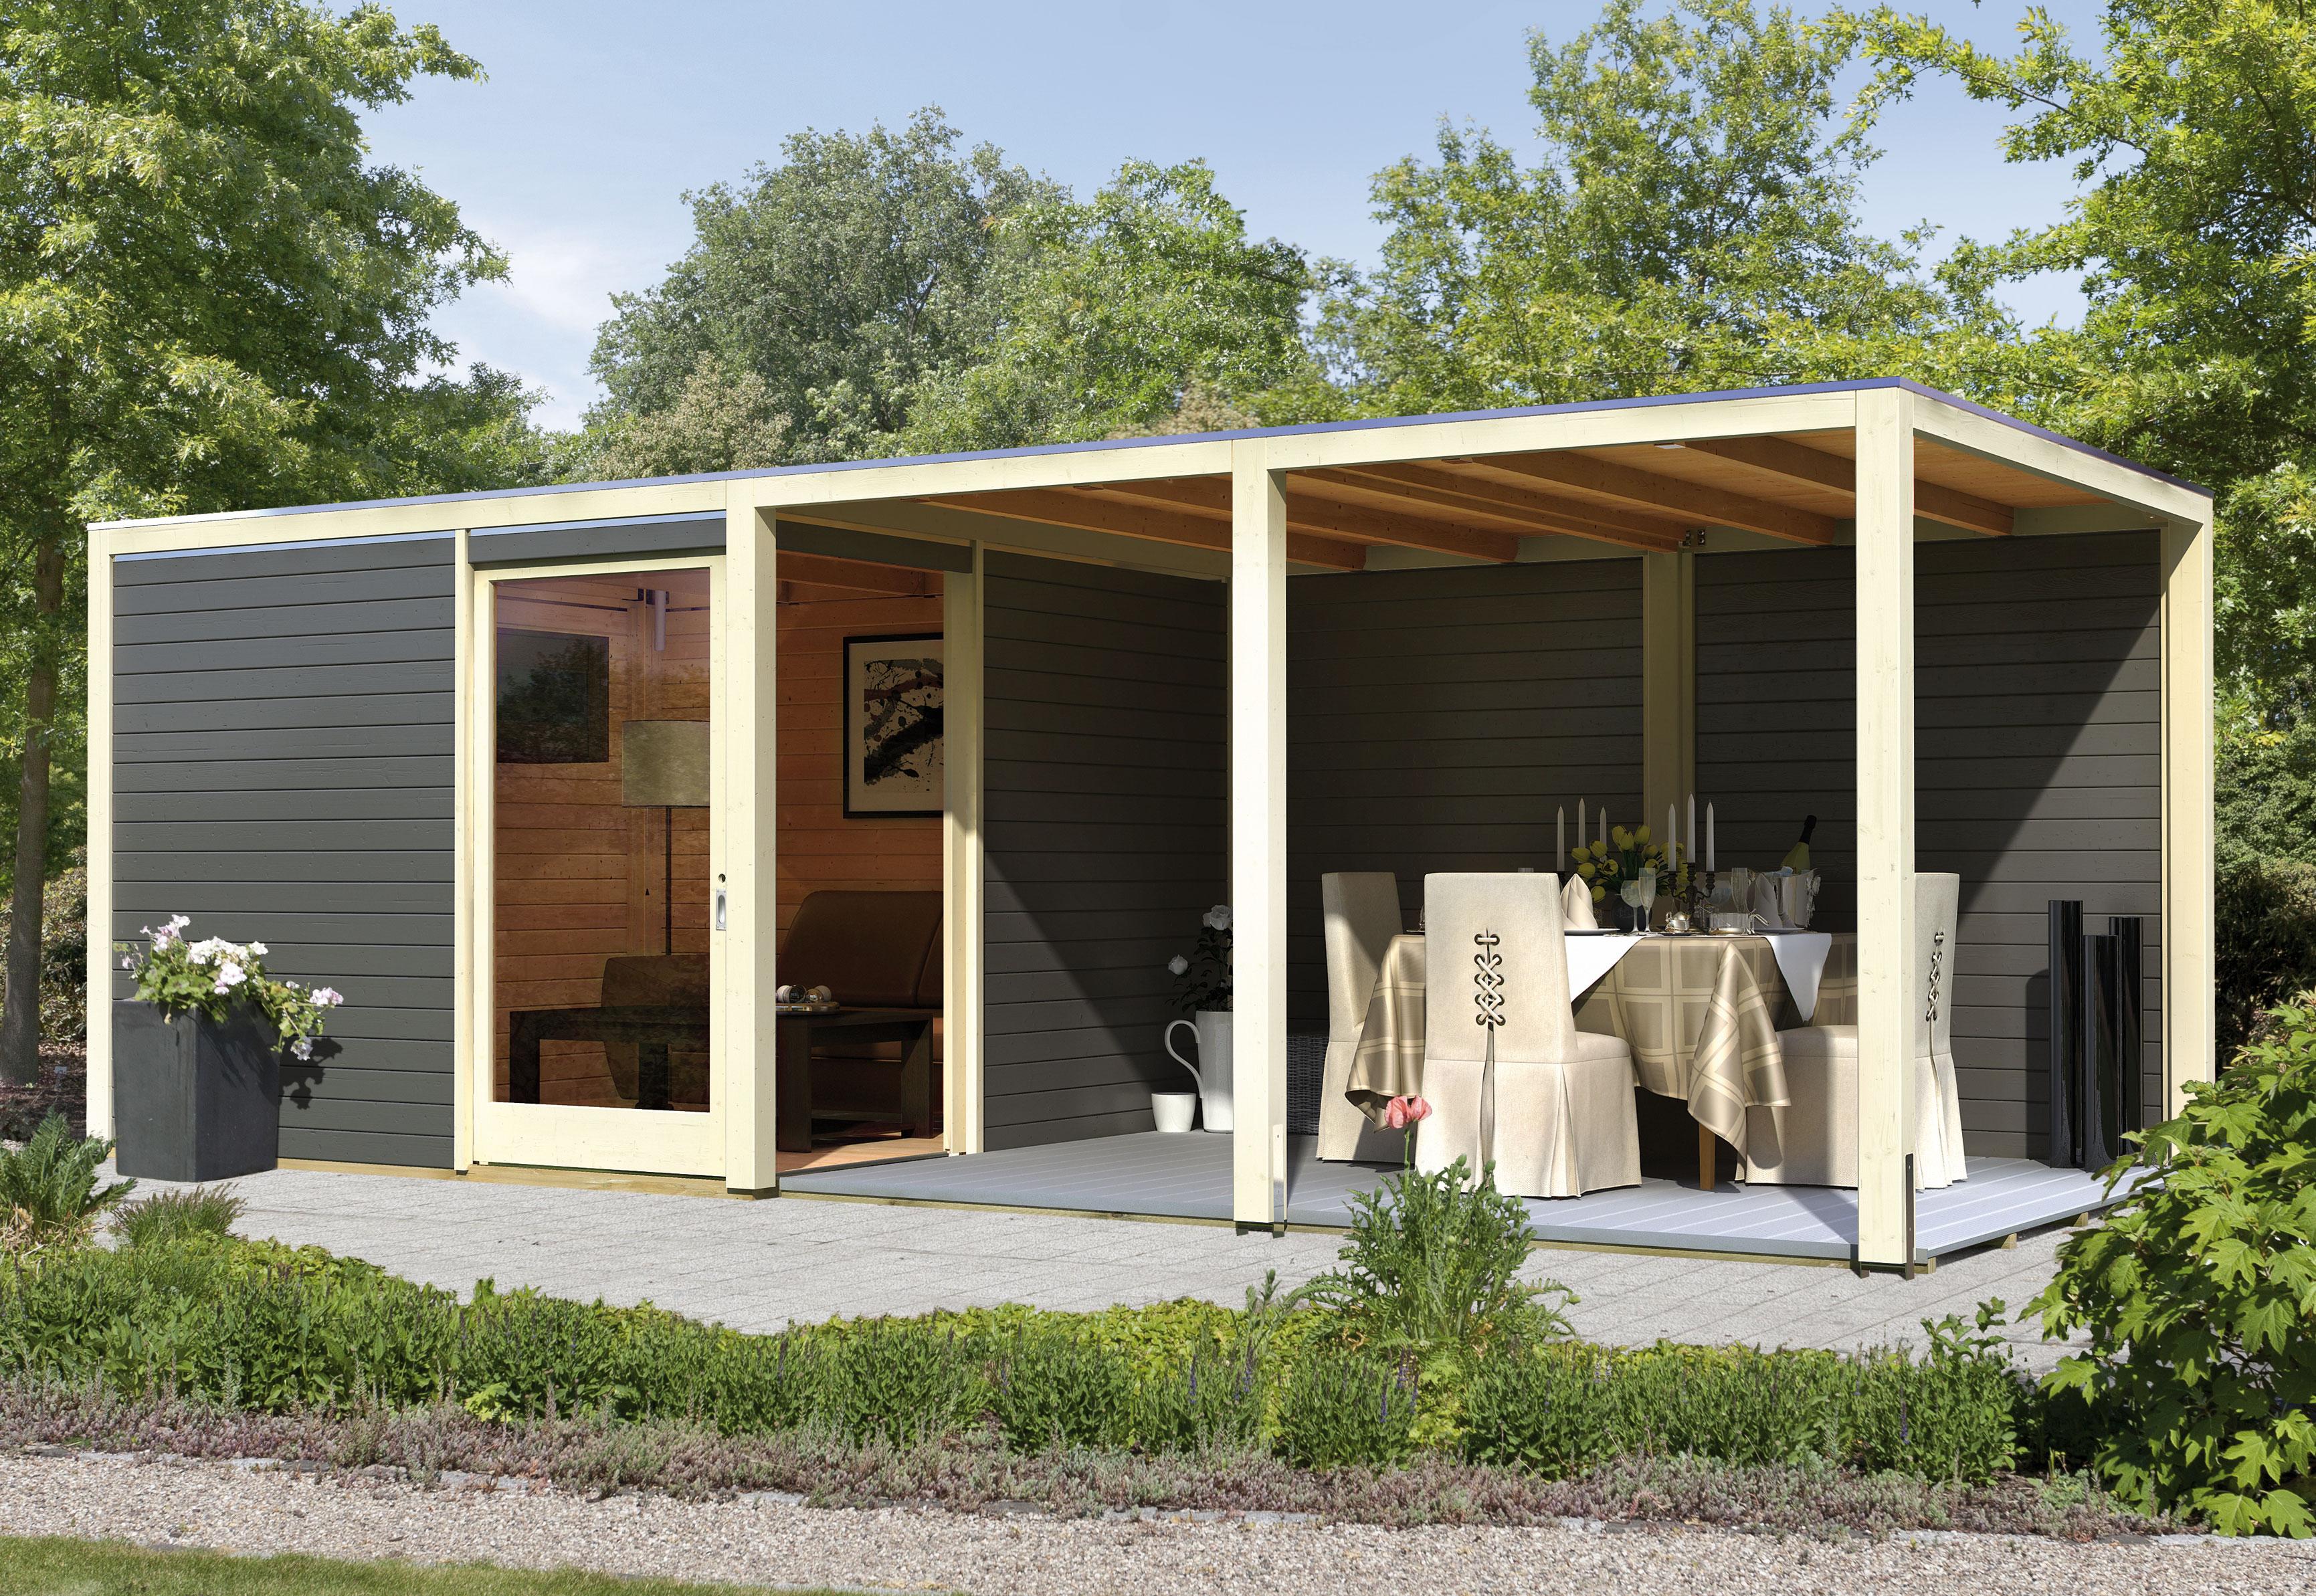 karibu gartenhaus 28 mm cubus eck 320x320cm terragrau + epdm - bei, Gartengerate ideen